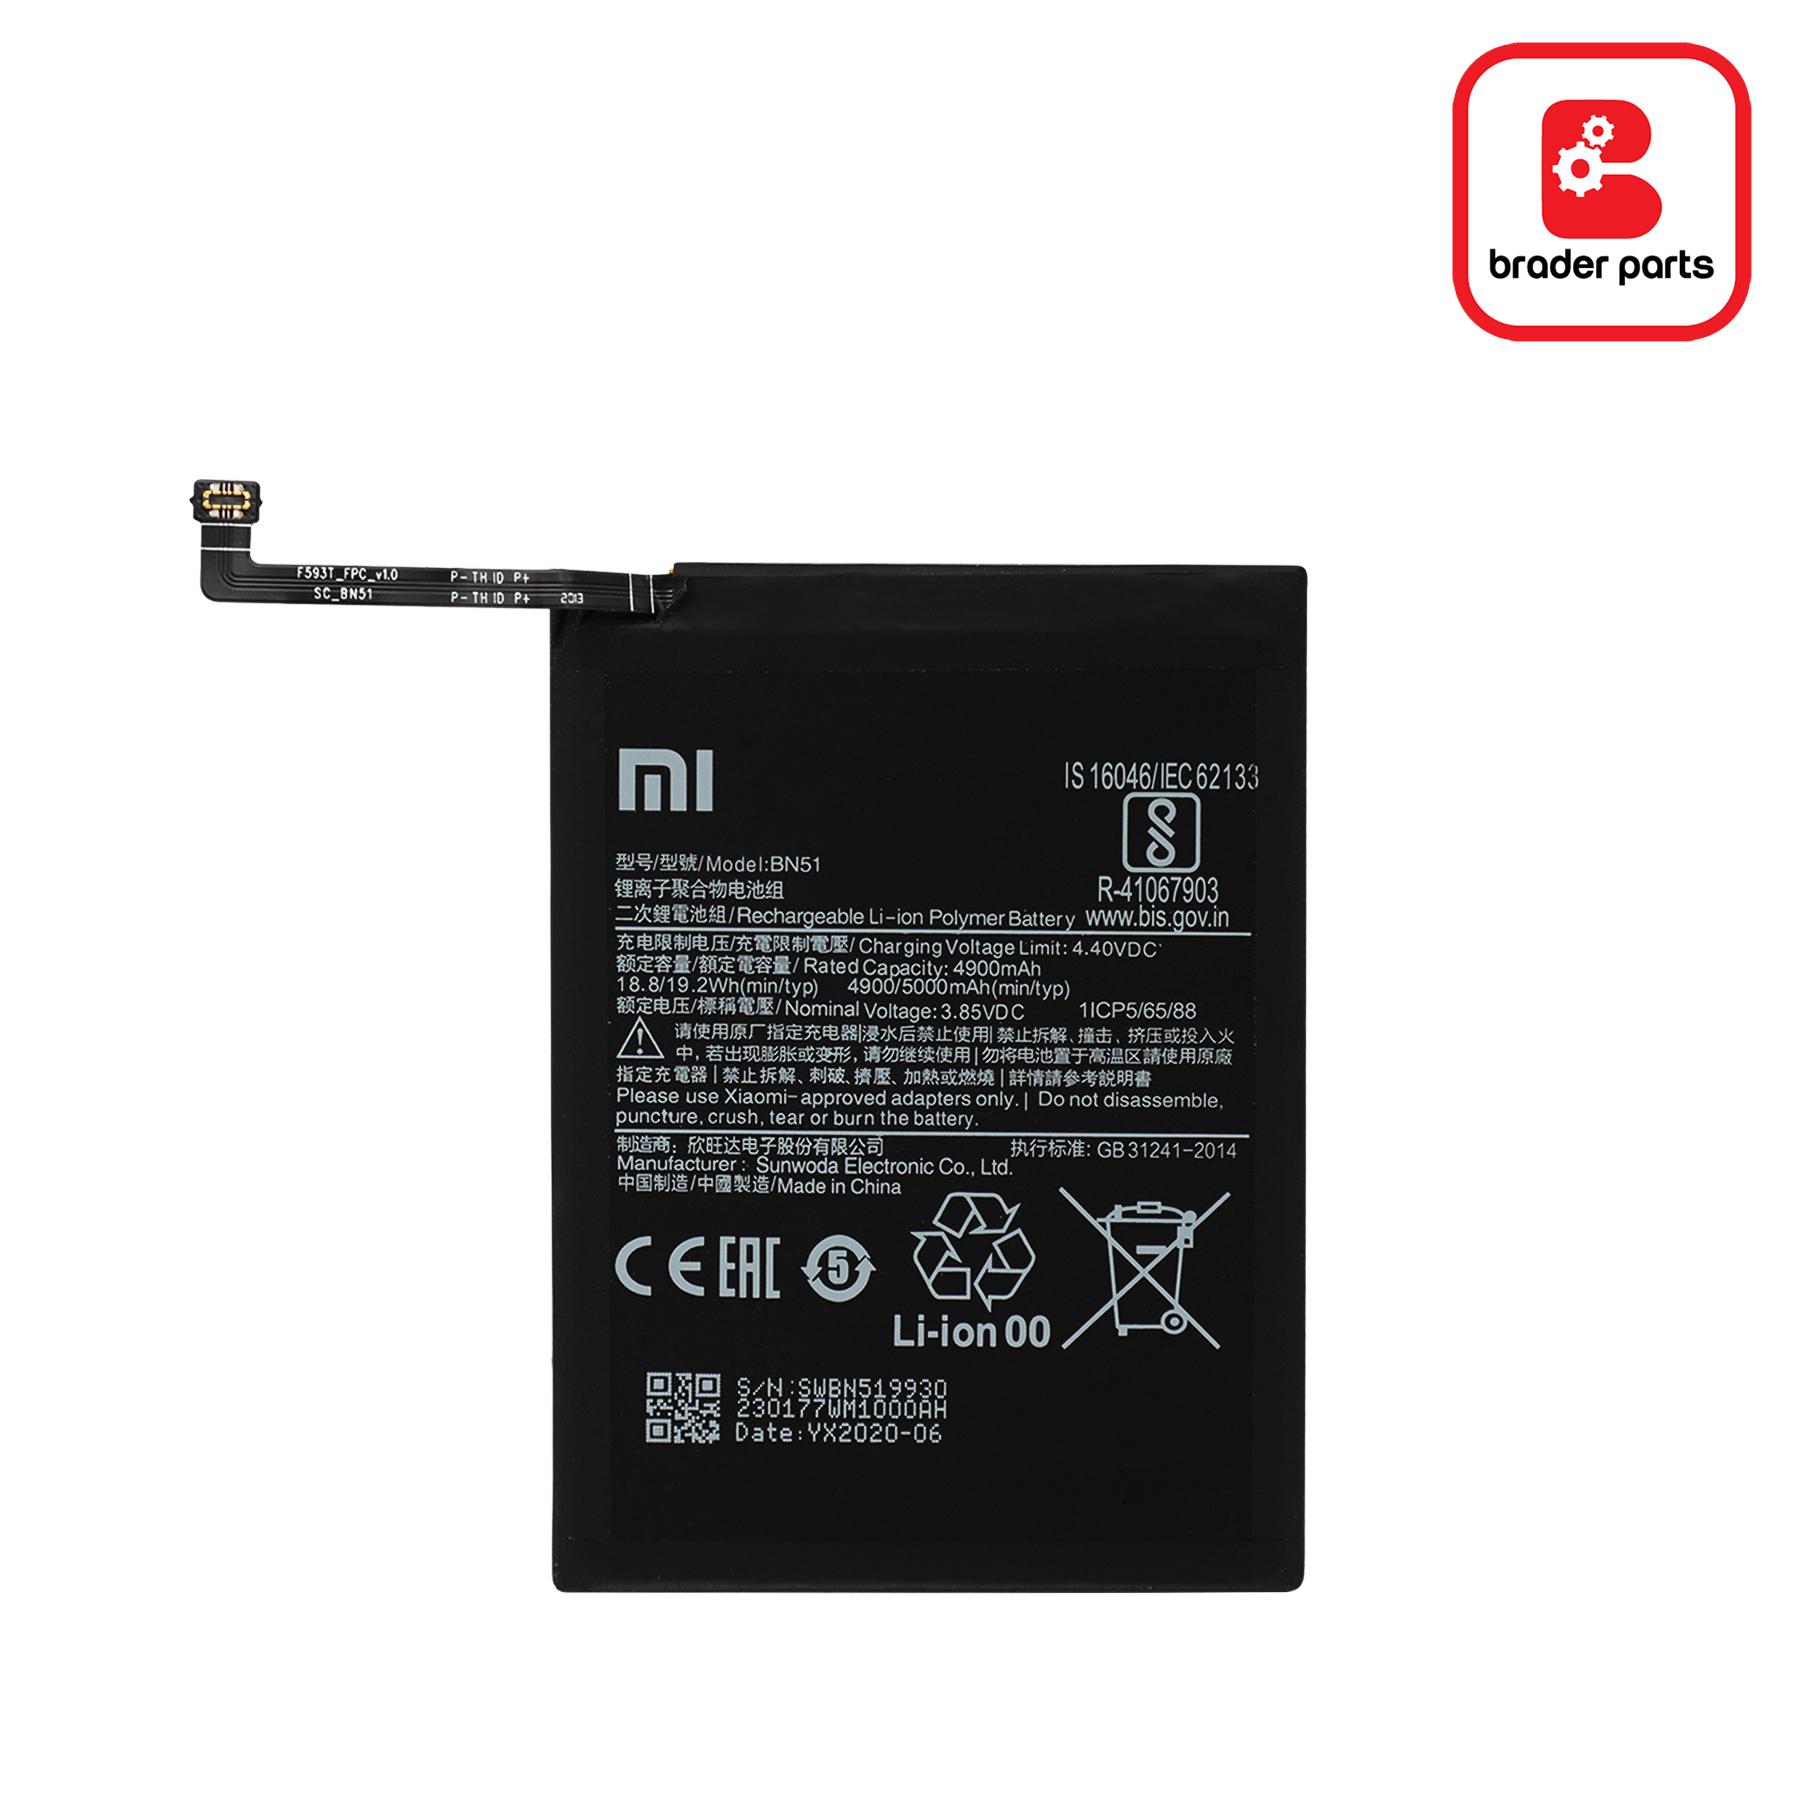 Baterai Redmi 8, 8, 8 DUAL BN51